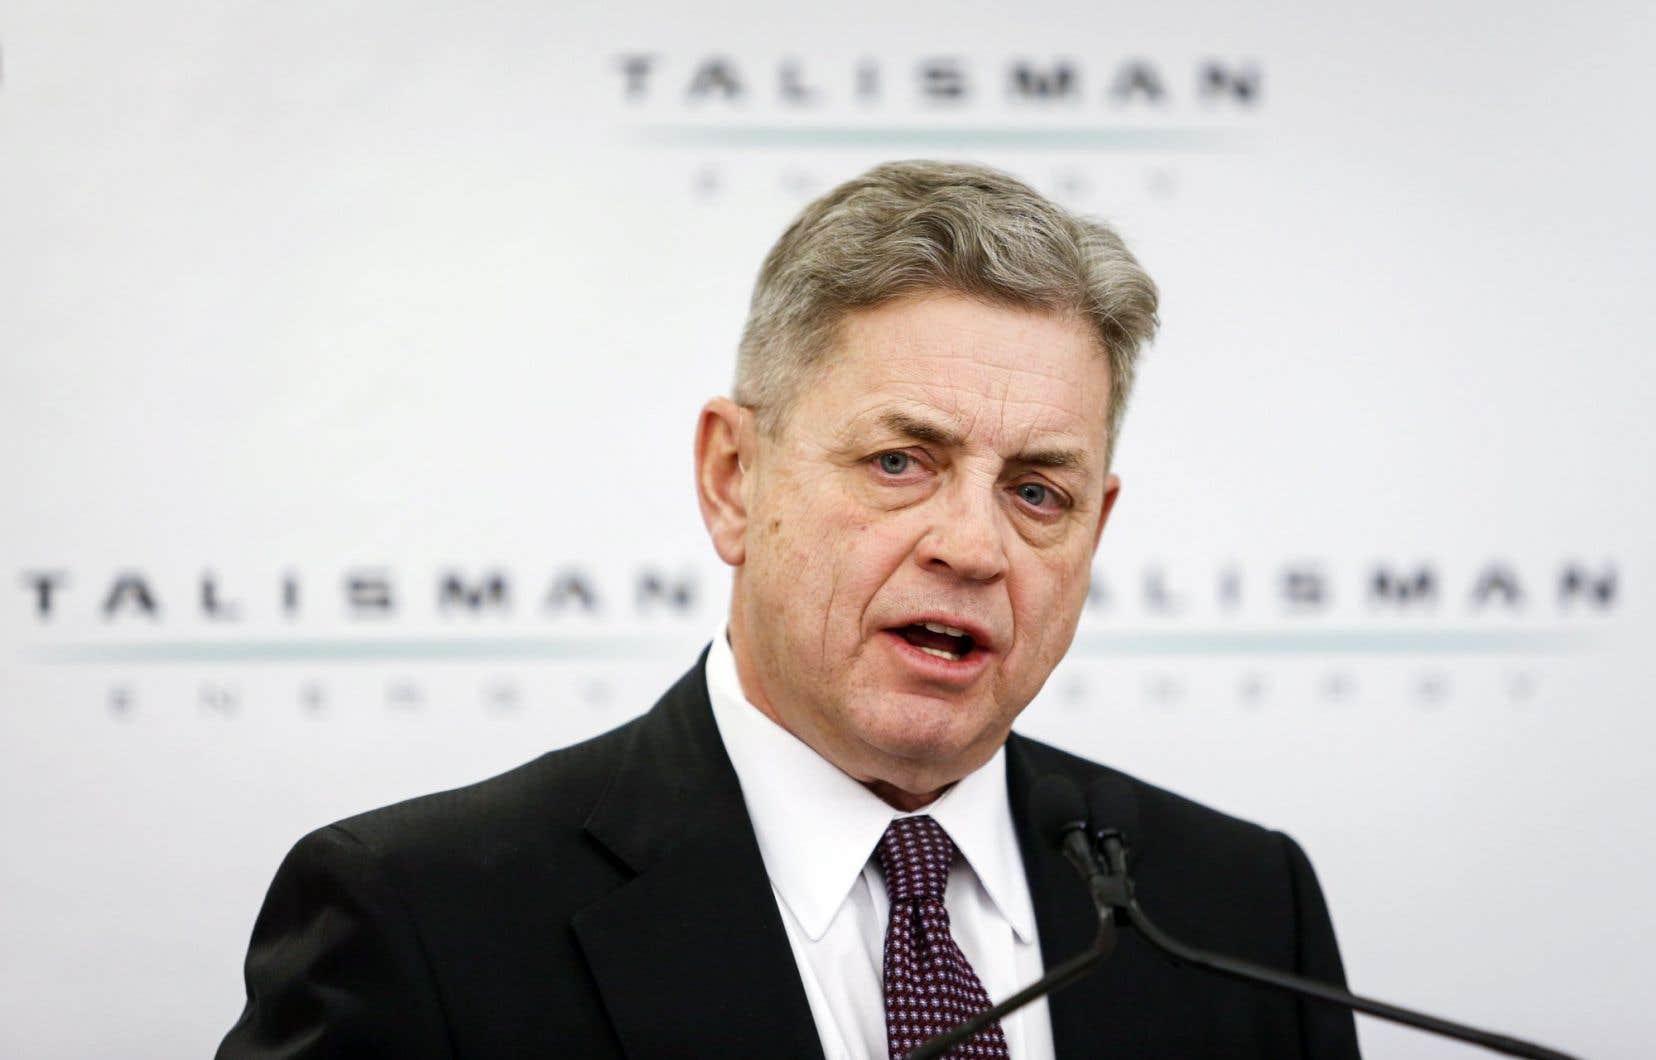 Hal Kvisle, président et chef de la direction de Talisman Energy